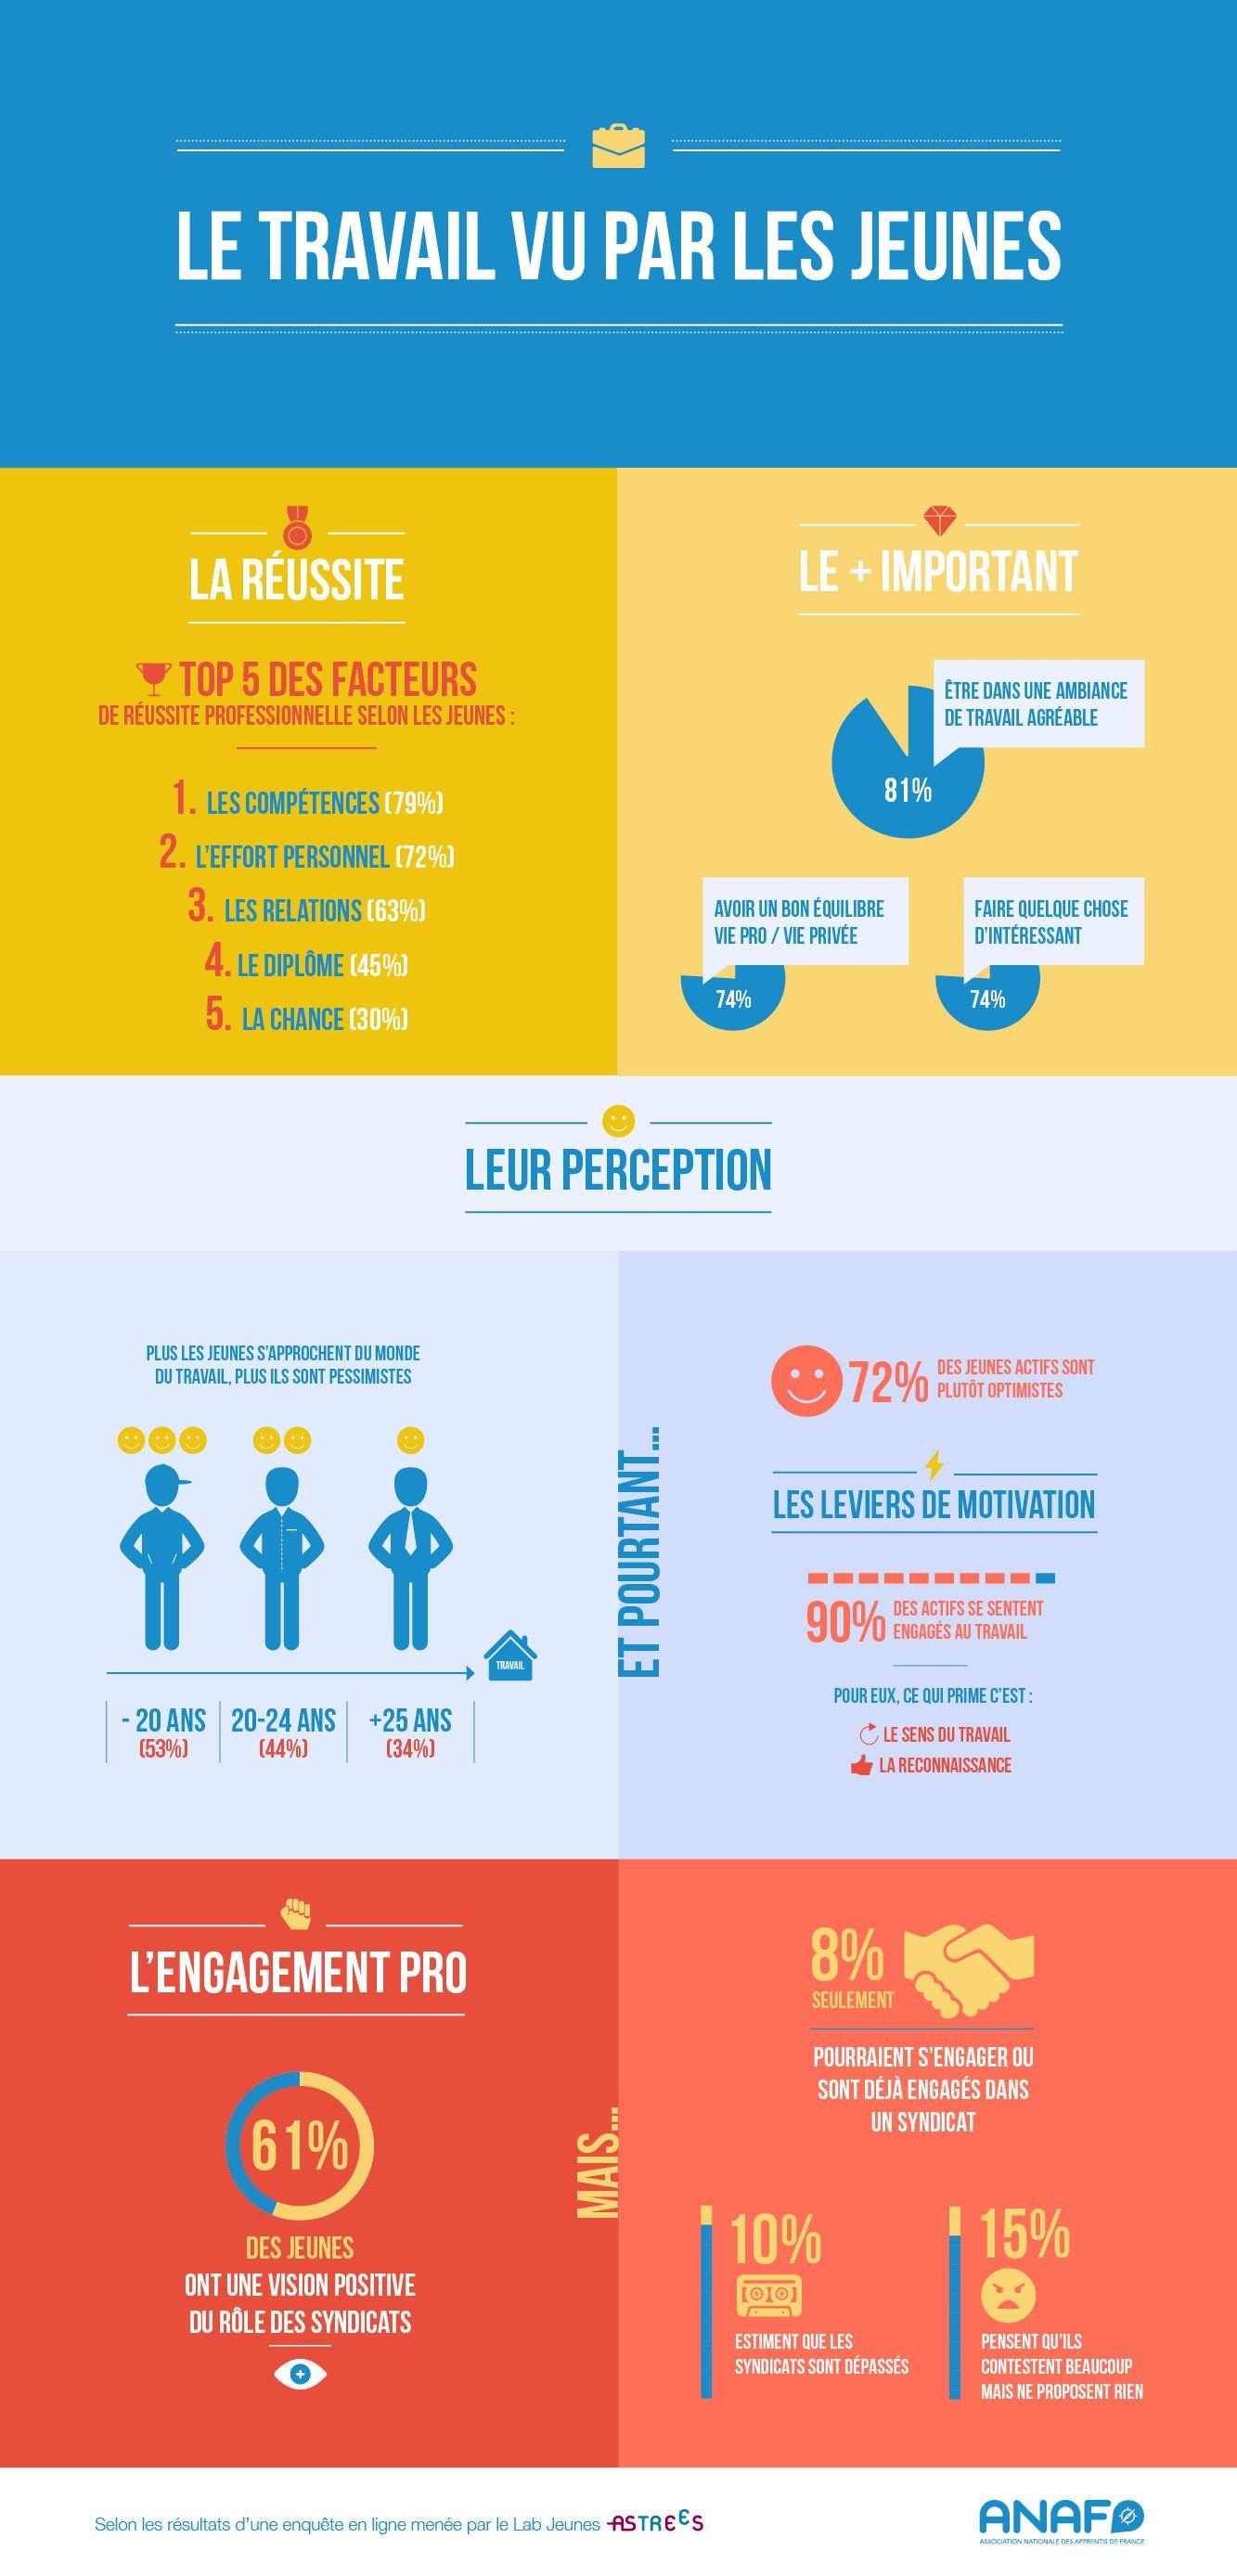 infographie  le travail vu par les jeunes - l u0026 39 anaf